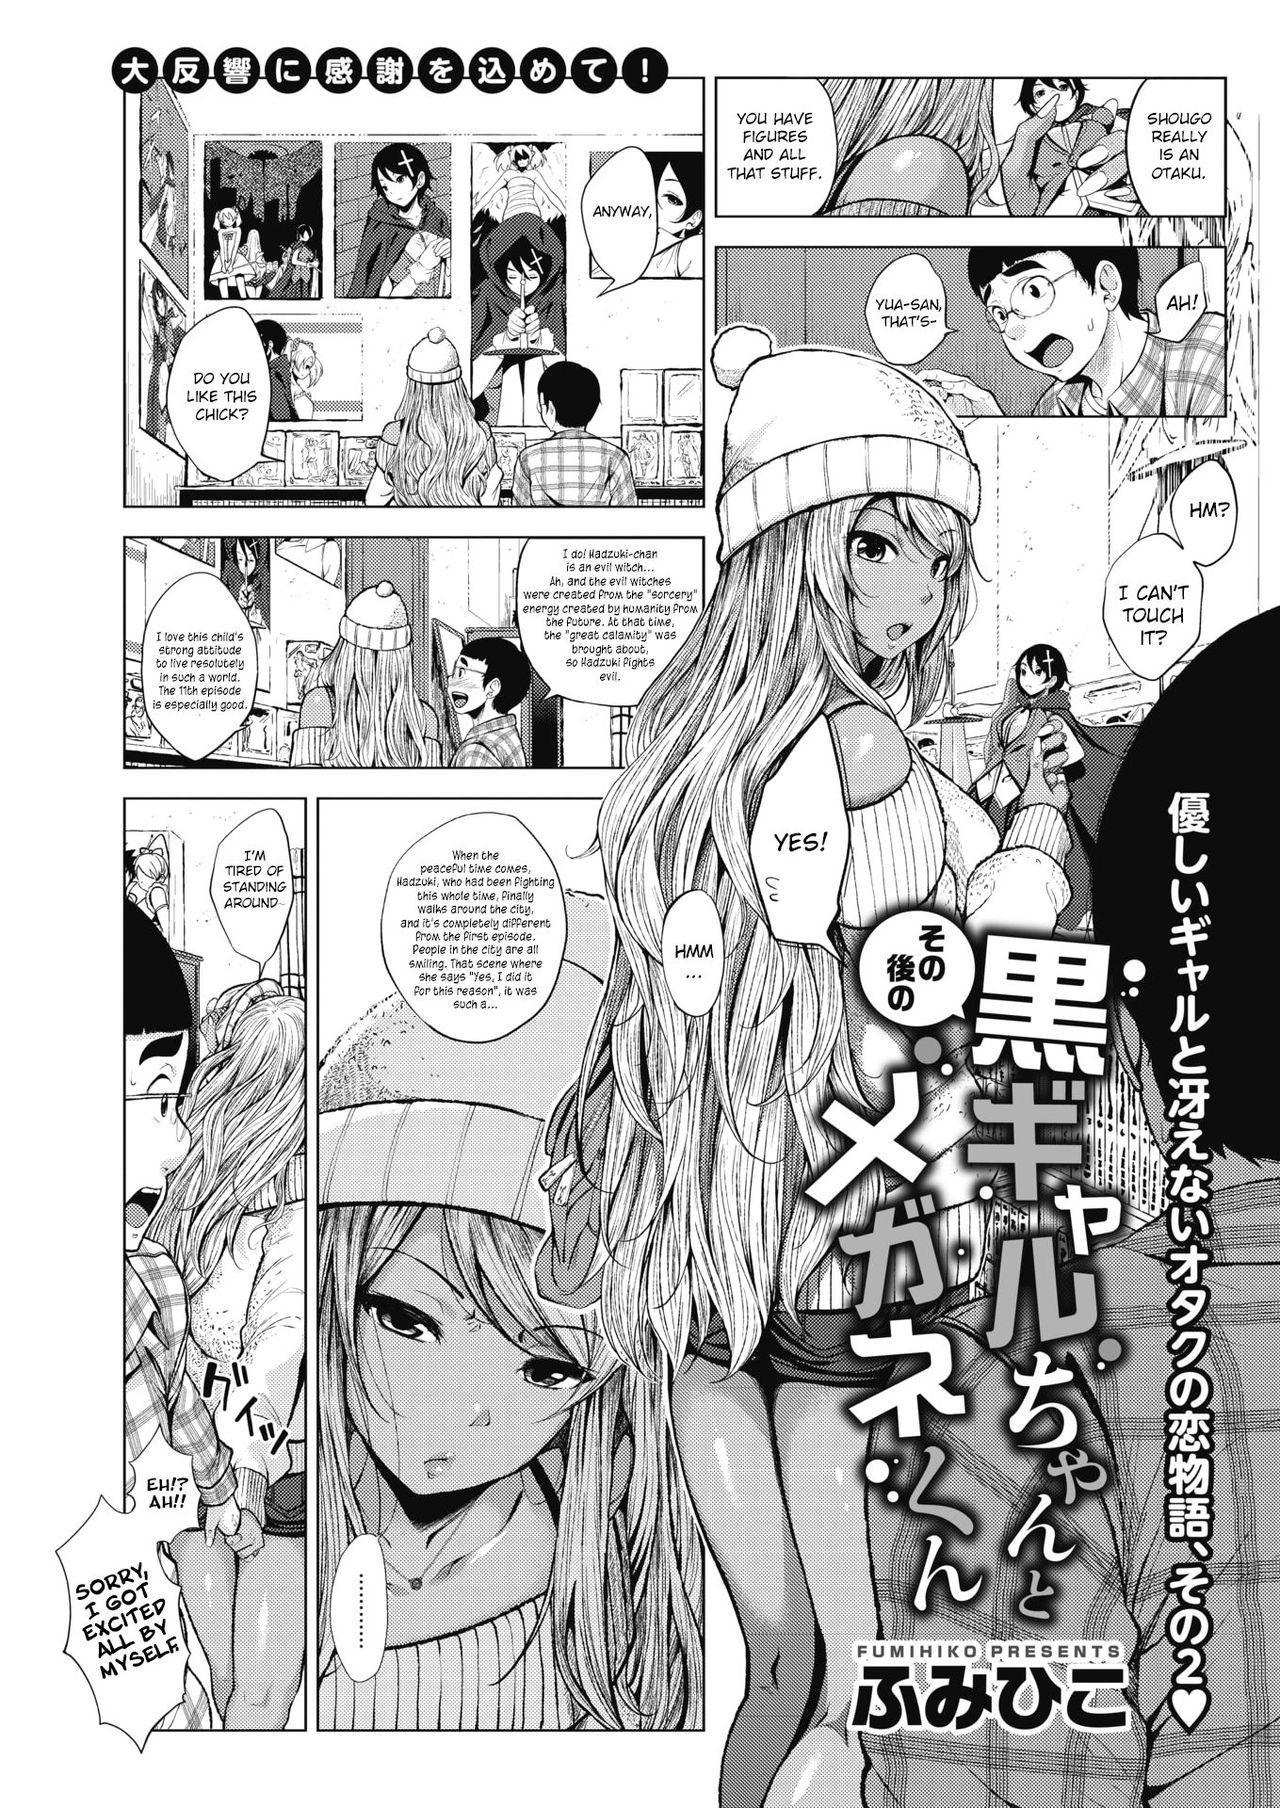 [Fumihiko] Sonogo no Kuro Gal-chan to Megane-kun (COMIC HOTMILK 2018-05) [English] [CrowKarasu] [Digital] 0